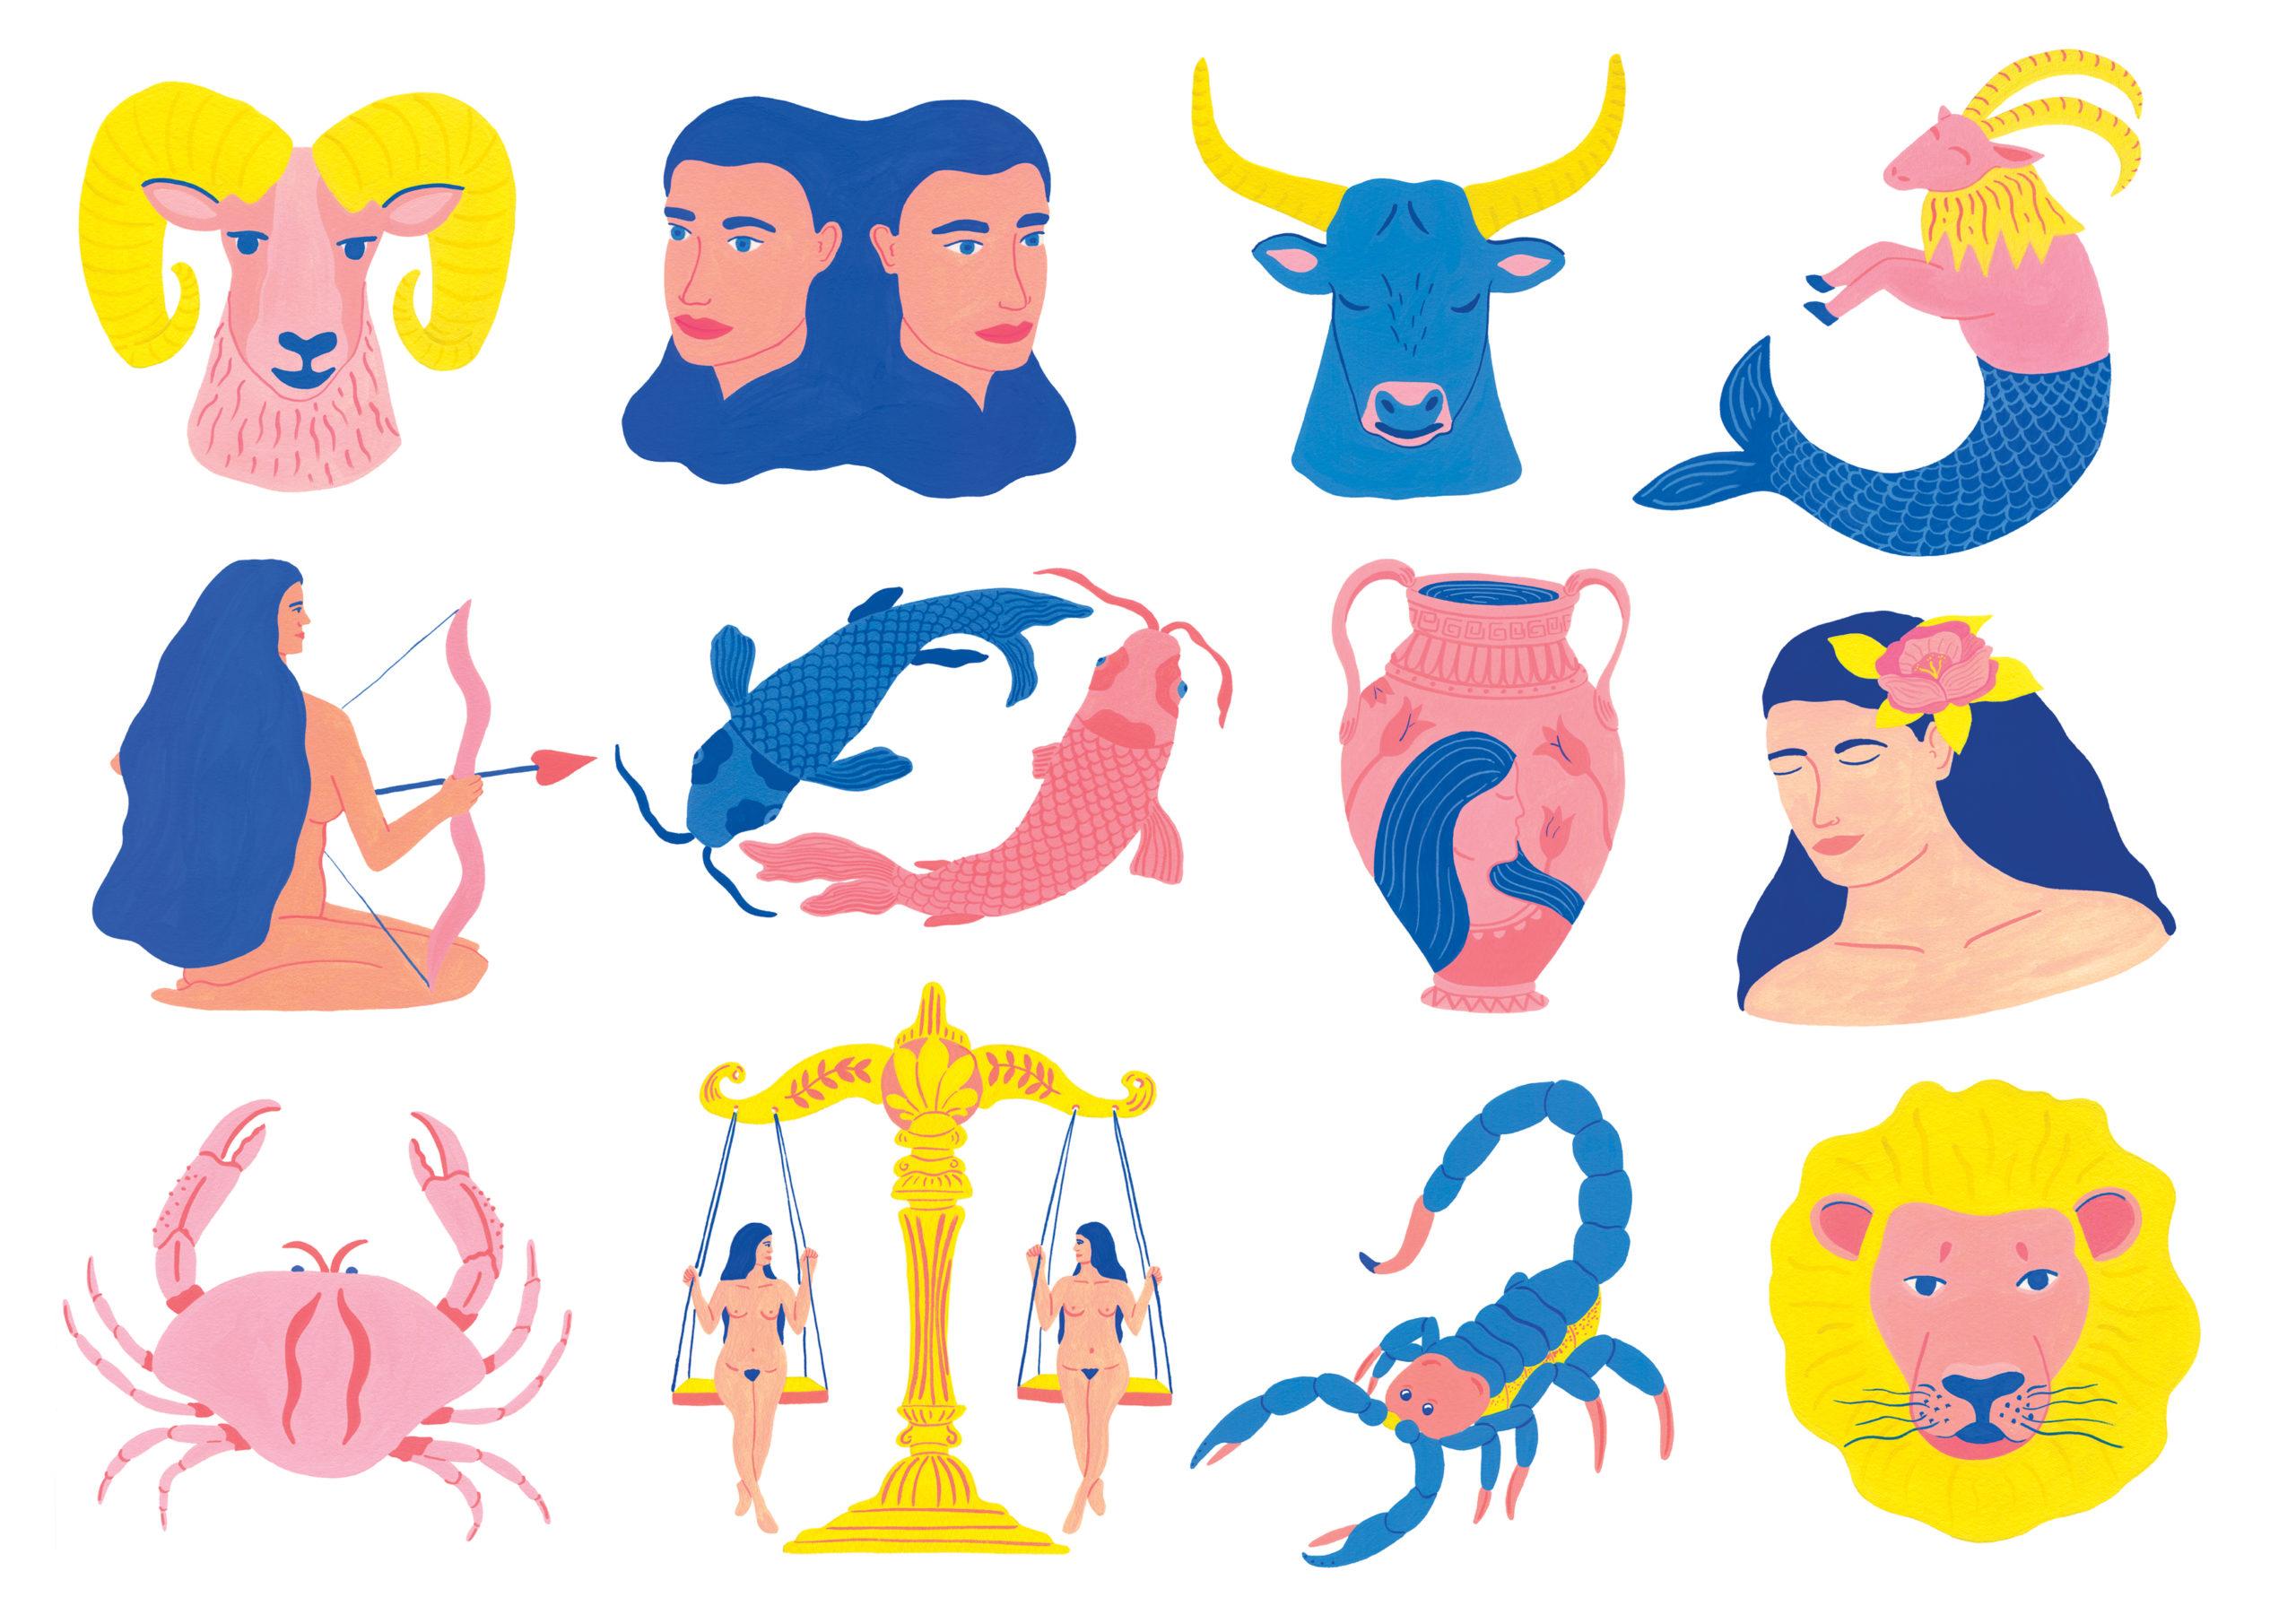 Marie-pellet-illustrations-gouache-horoscope-zodiaque-signes-femmes-editorial-portfolio